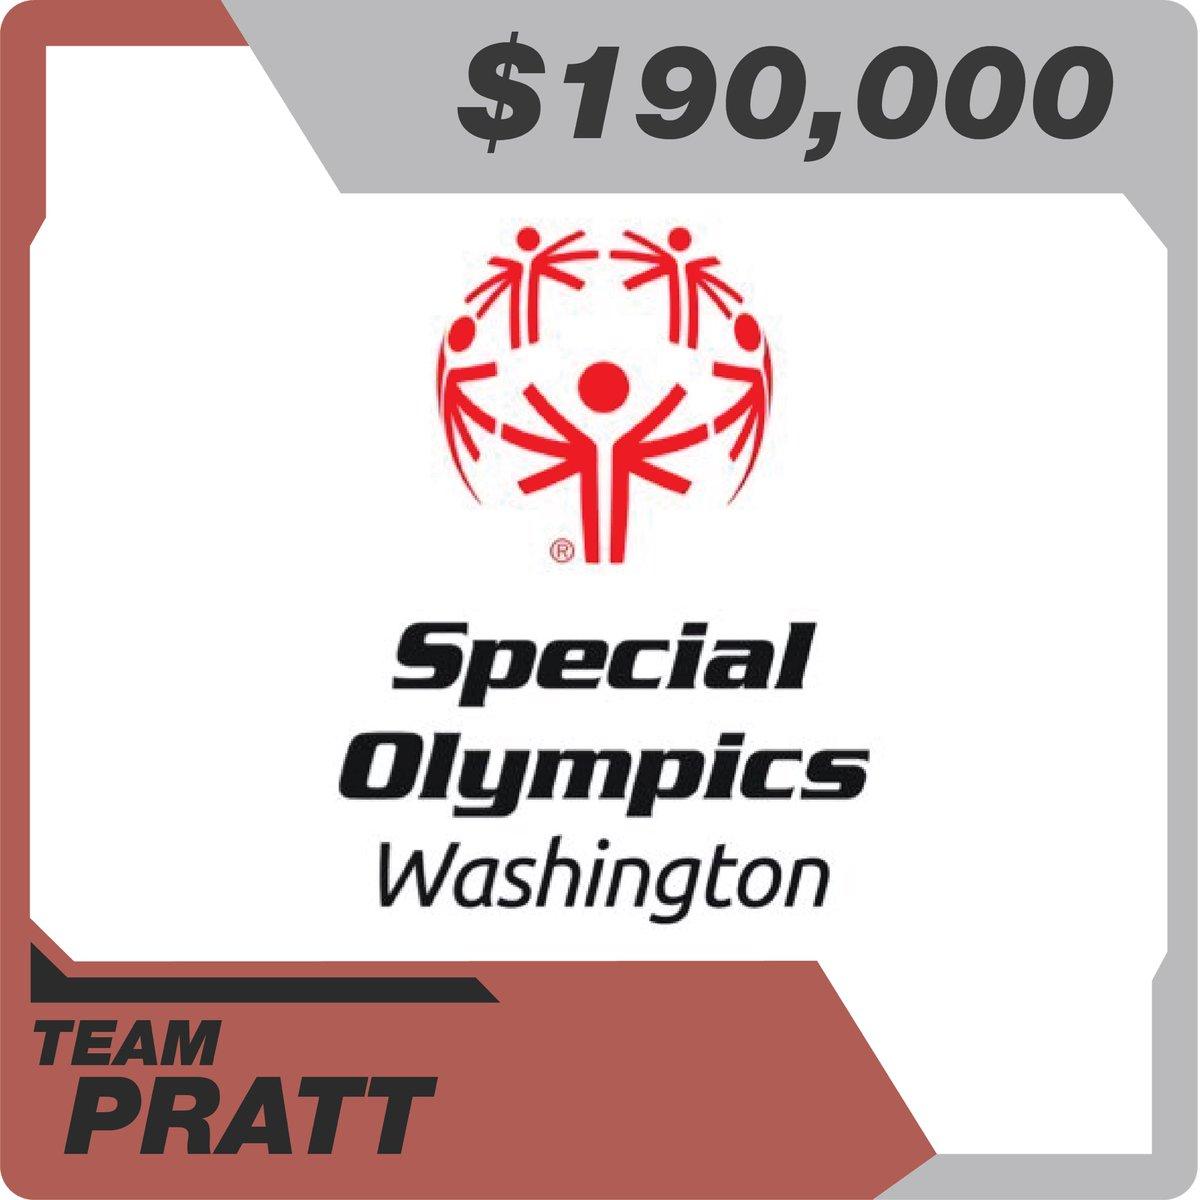 #TeamPratt @prattprattpratt @SO_Washington